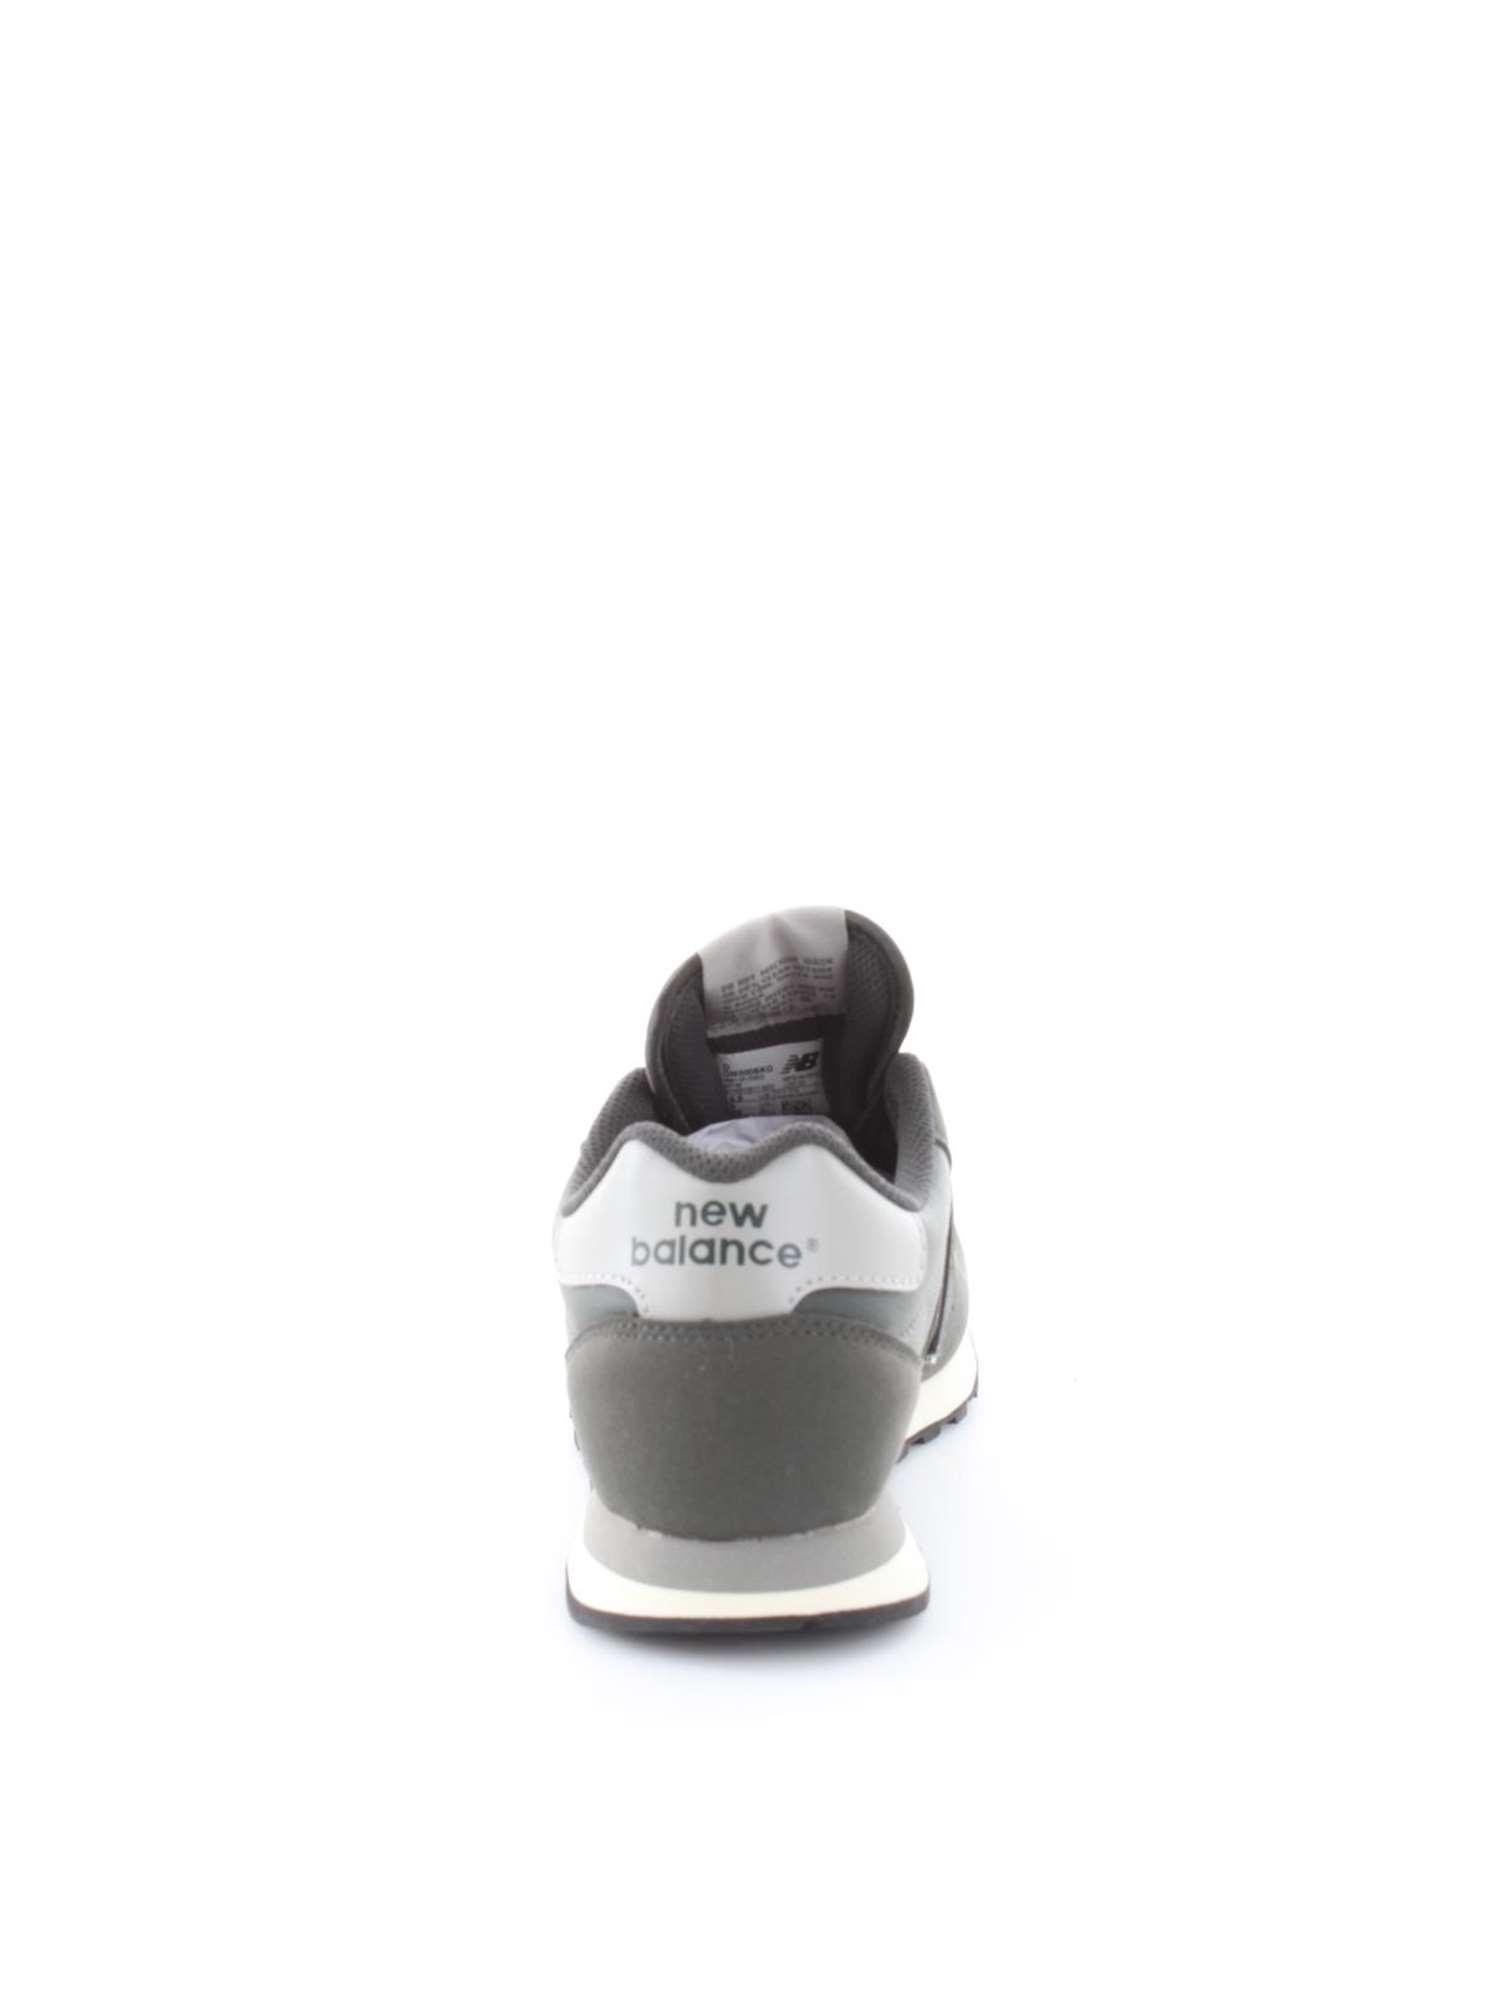 Comprar Zapatilla Hombre New Balance GM500 GRY Valencia